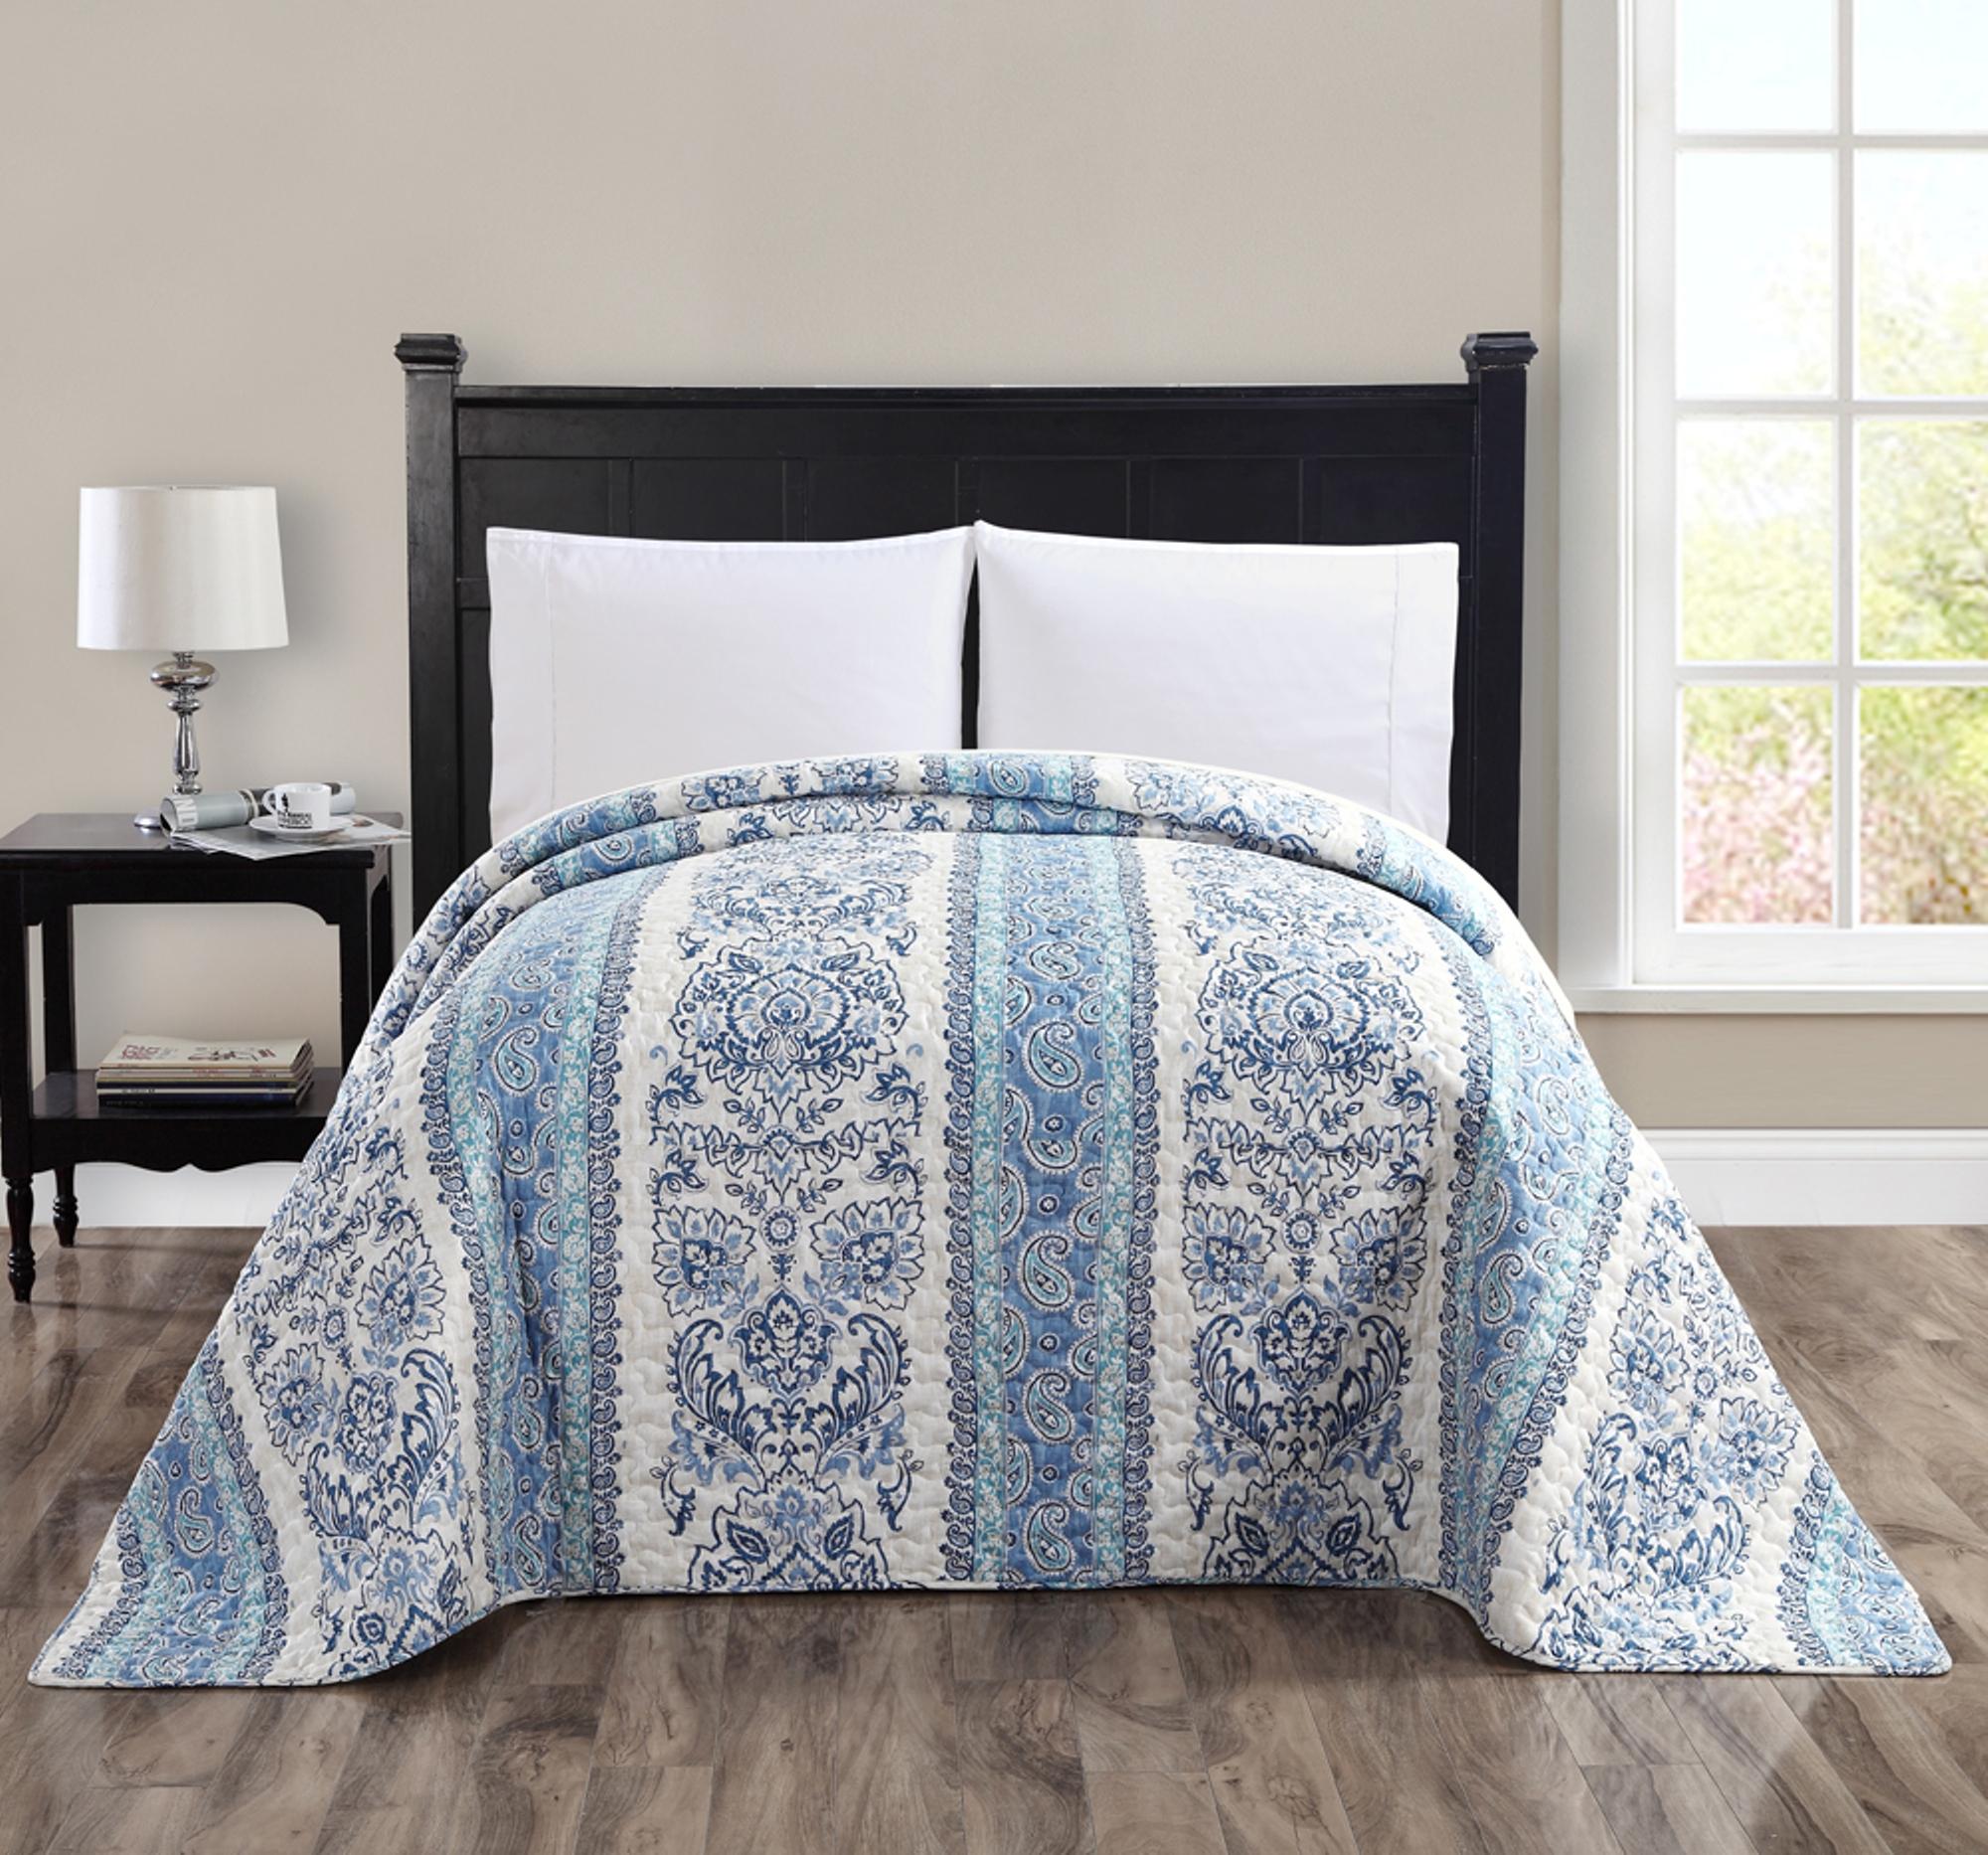 Sandisk Medallion Bedspread Blue Multi